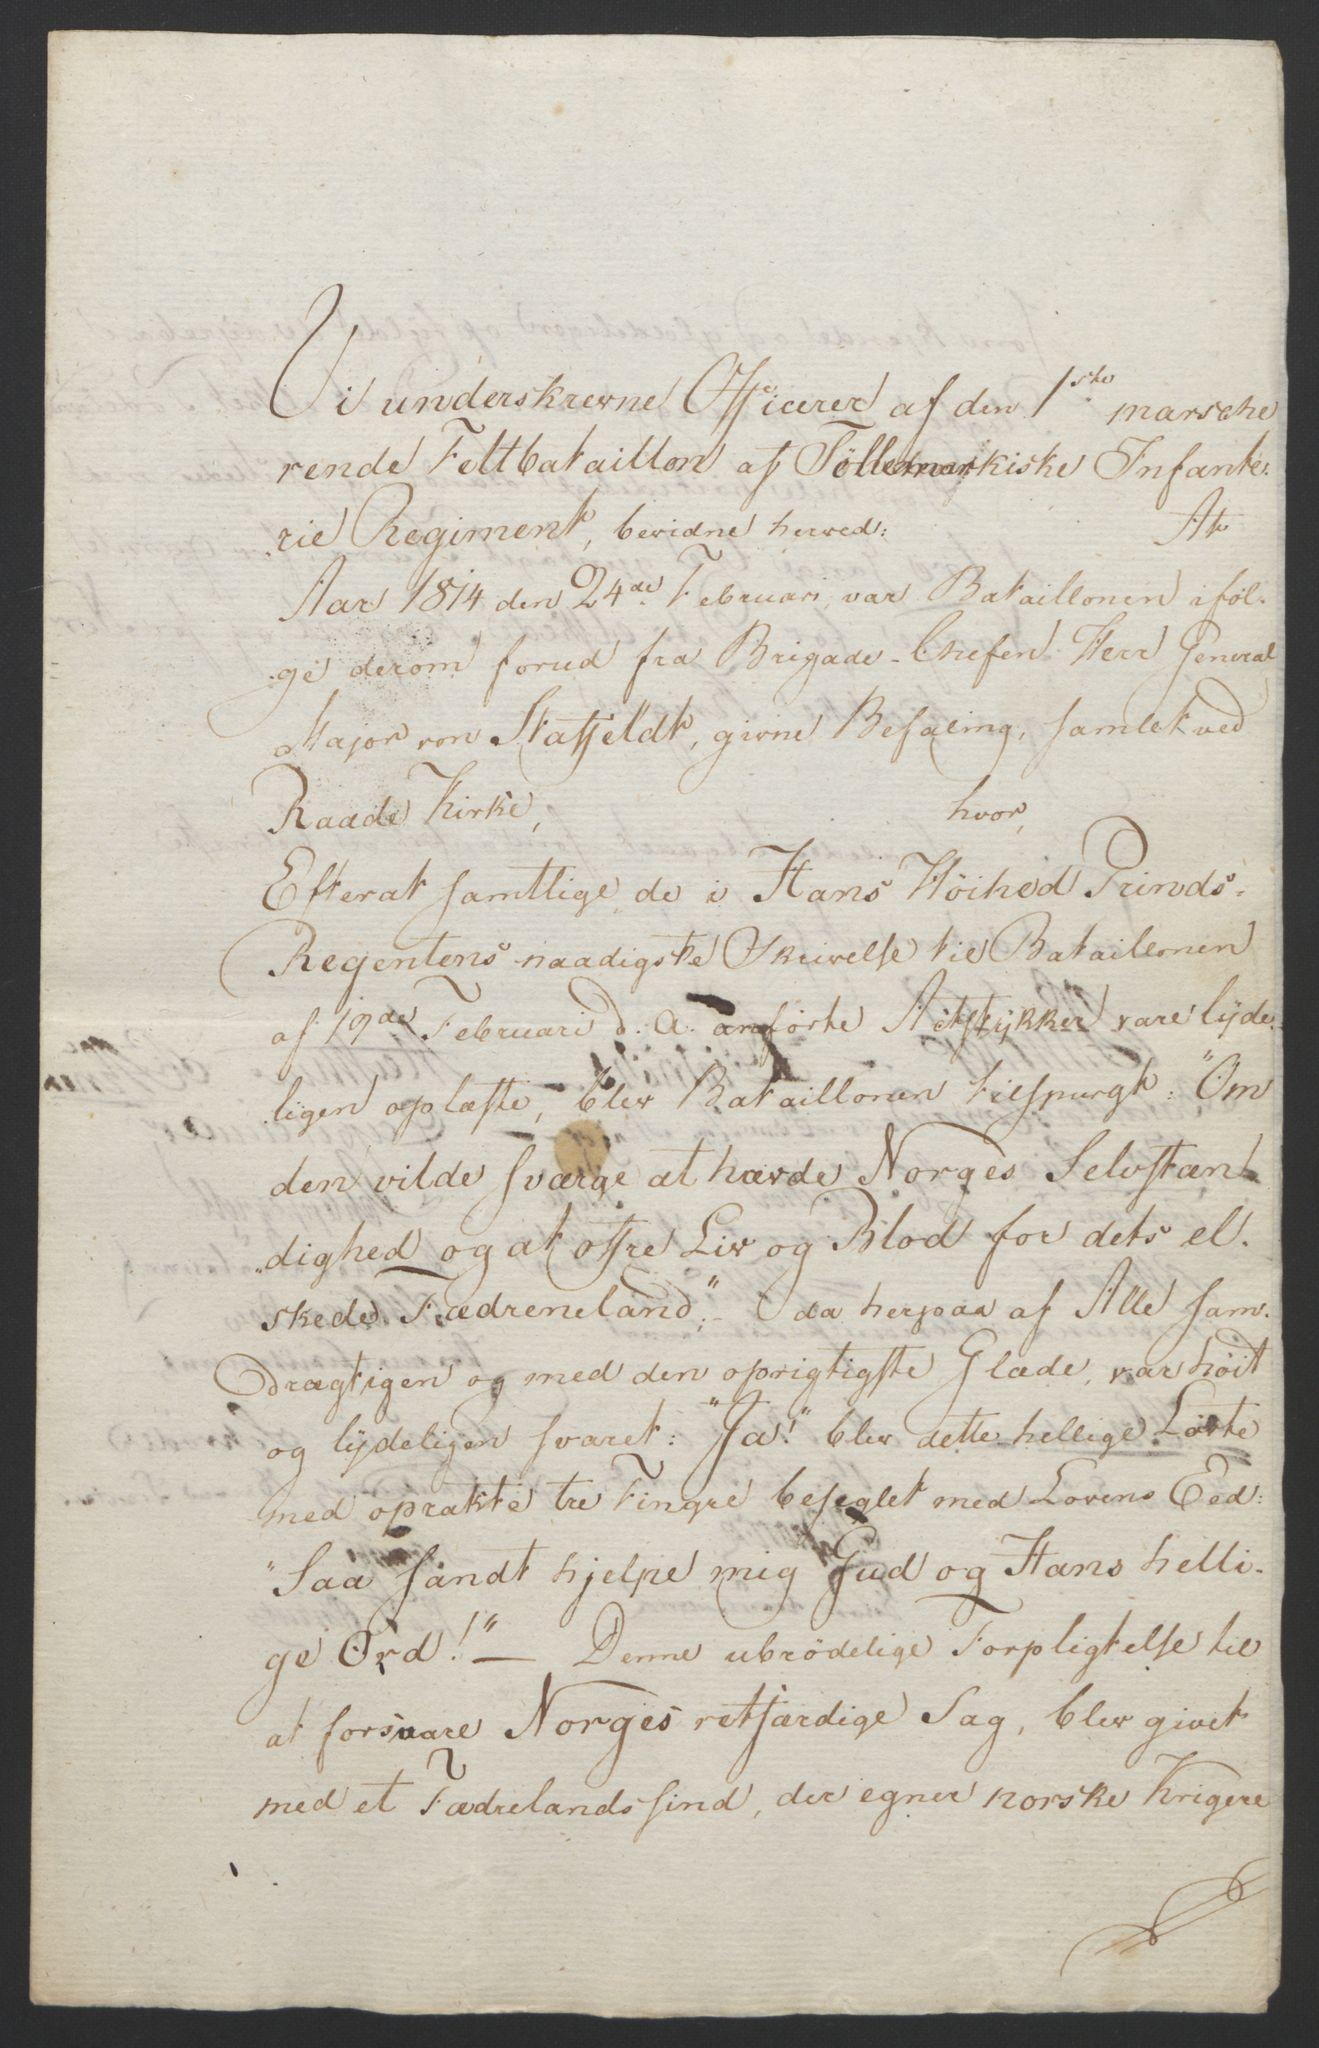 RA, Statsrådssekretariatet, D/Db/L0007: Fullmakter for Eidsvollsrepresentantene i 1814. , 1814, s. 101